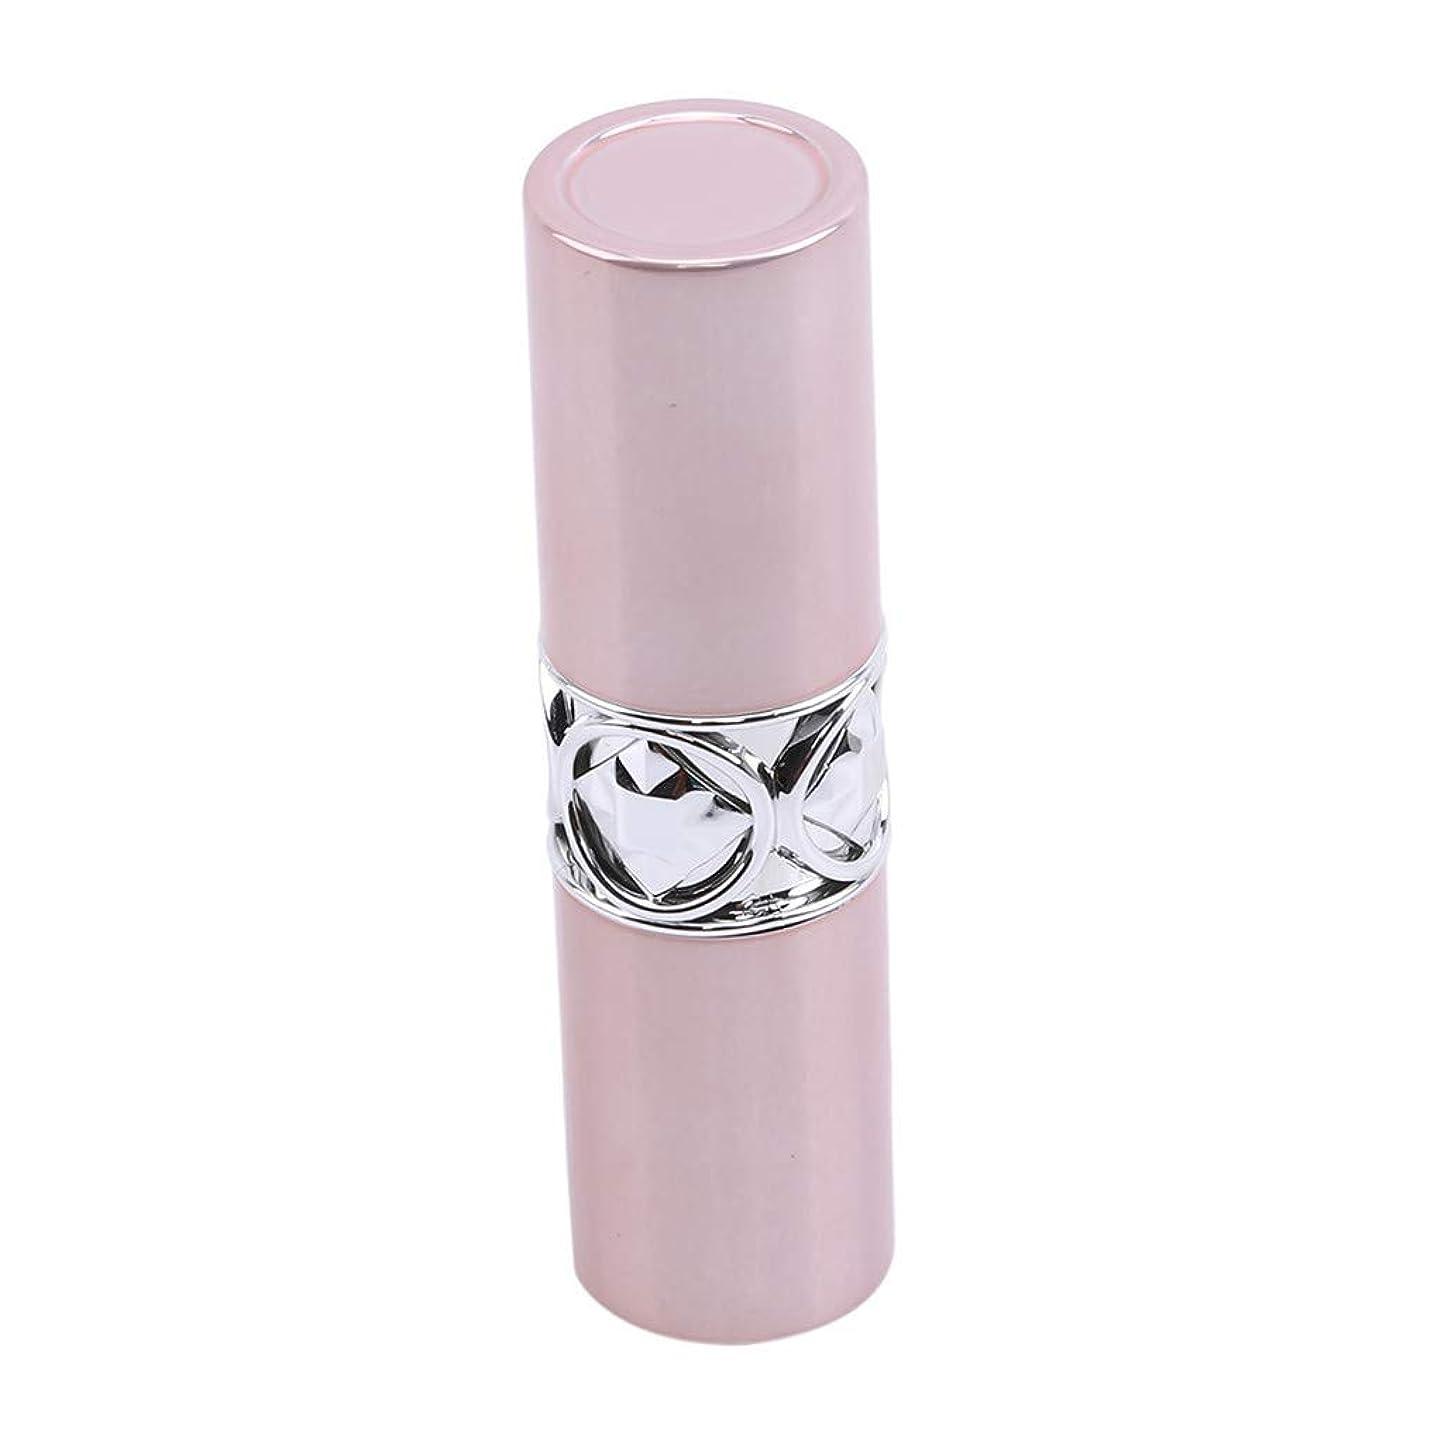 汚れるバックアップ生物学WEILYDF 空口紅チューブ 口紅チューブ用 DIY用 美容 化粧品容器 メイクアップツール 手作り メイクアップ